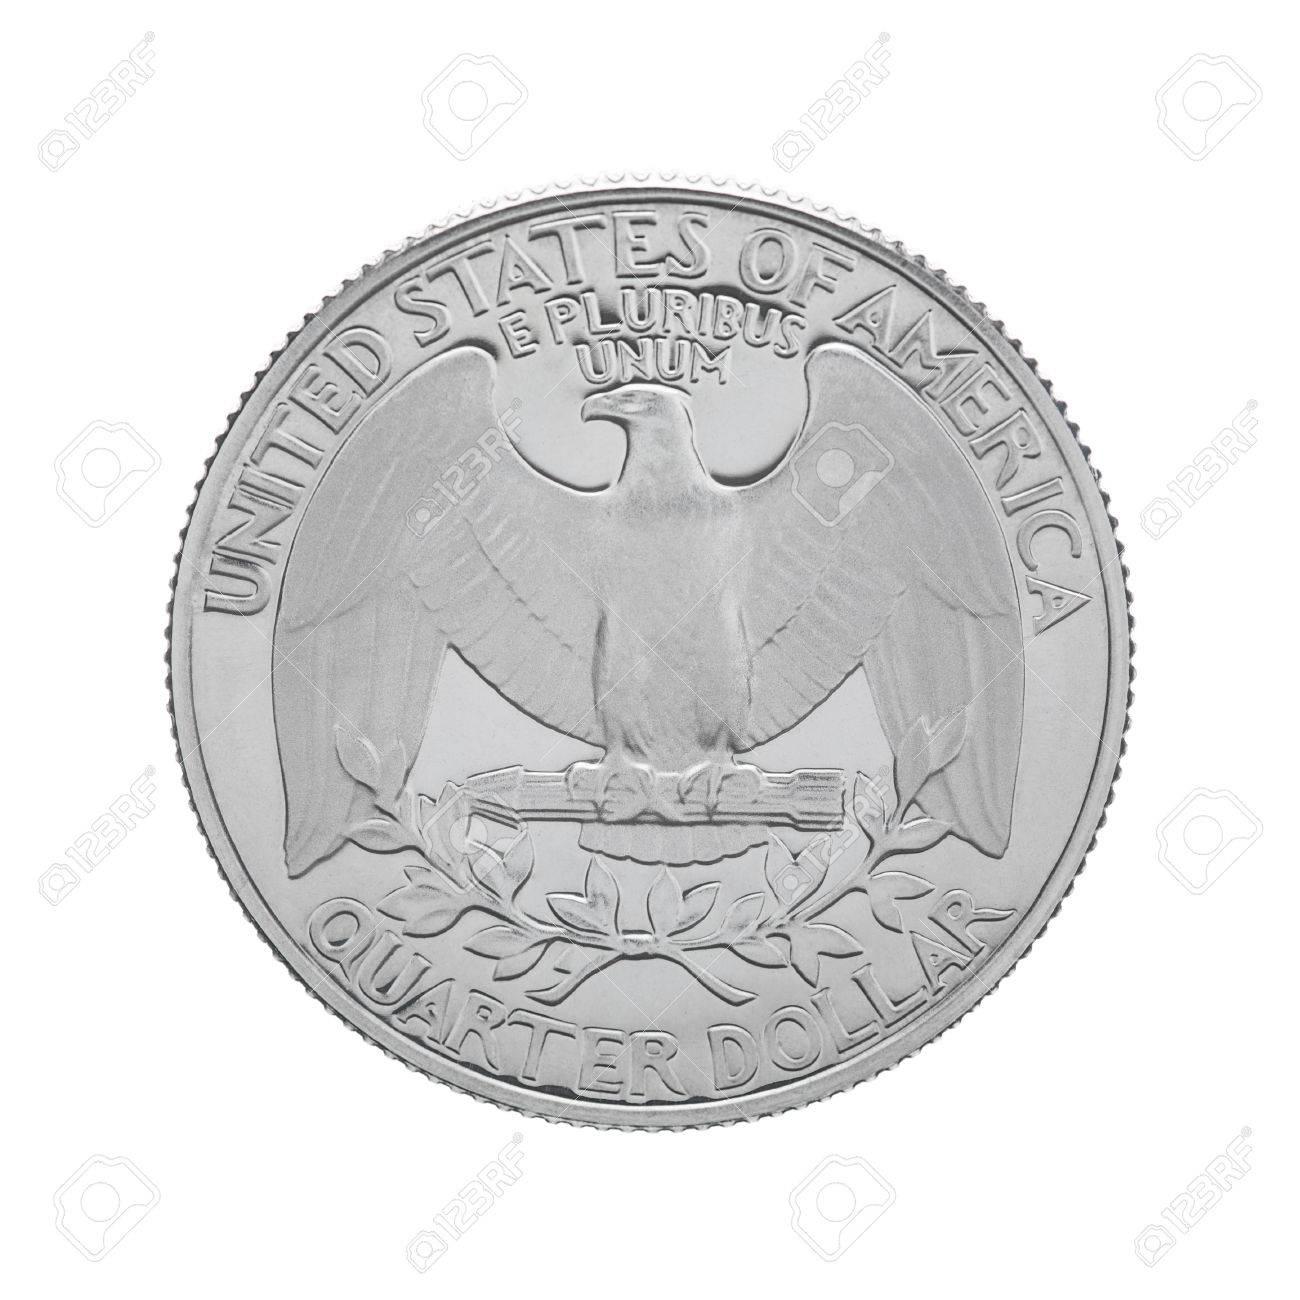 Die Rückseite Einer Usa 25 Cent Münze Quartal Der Darstellung Usa